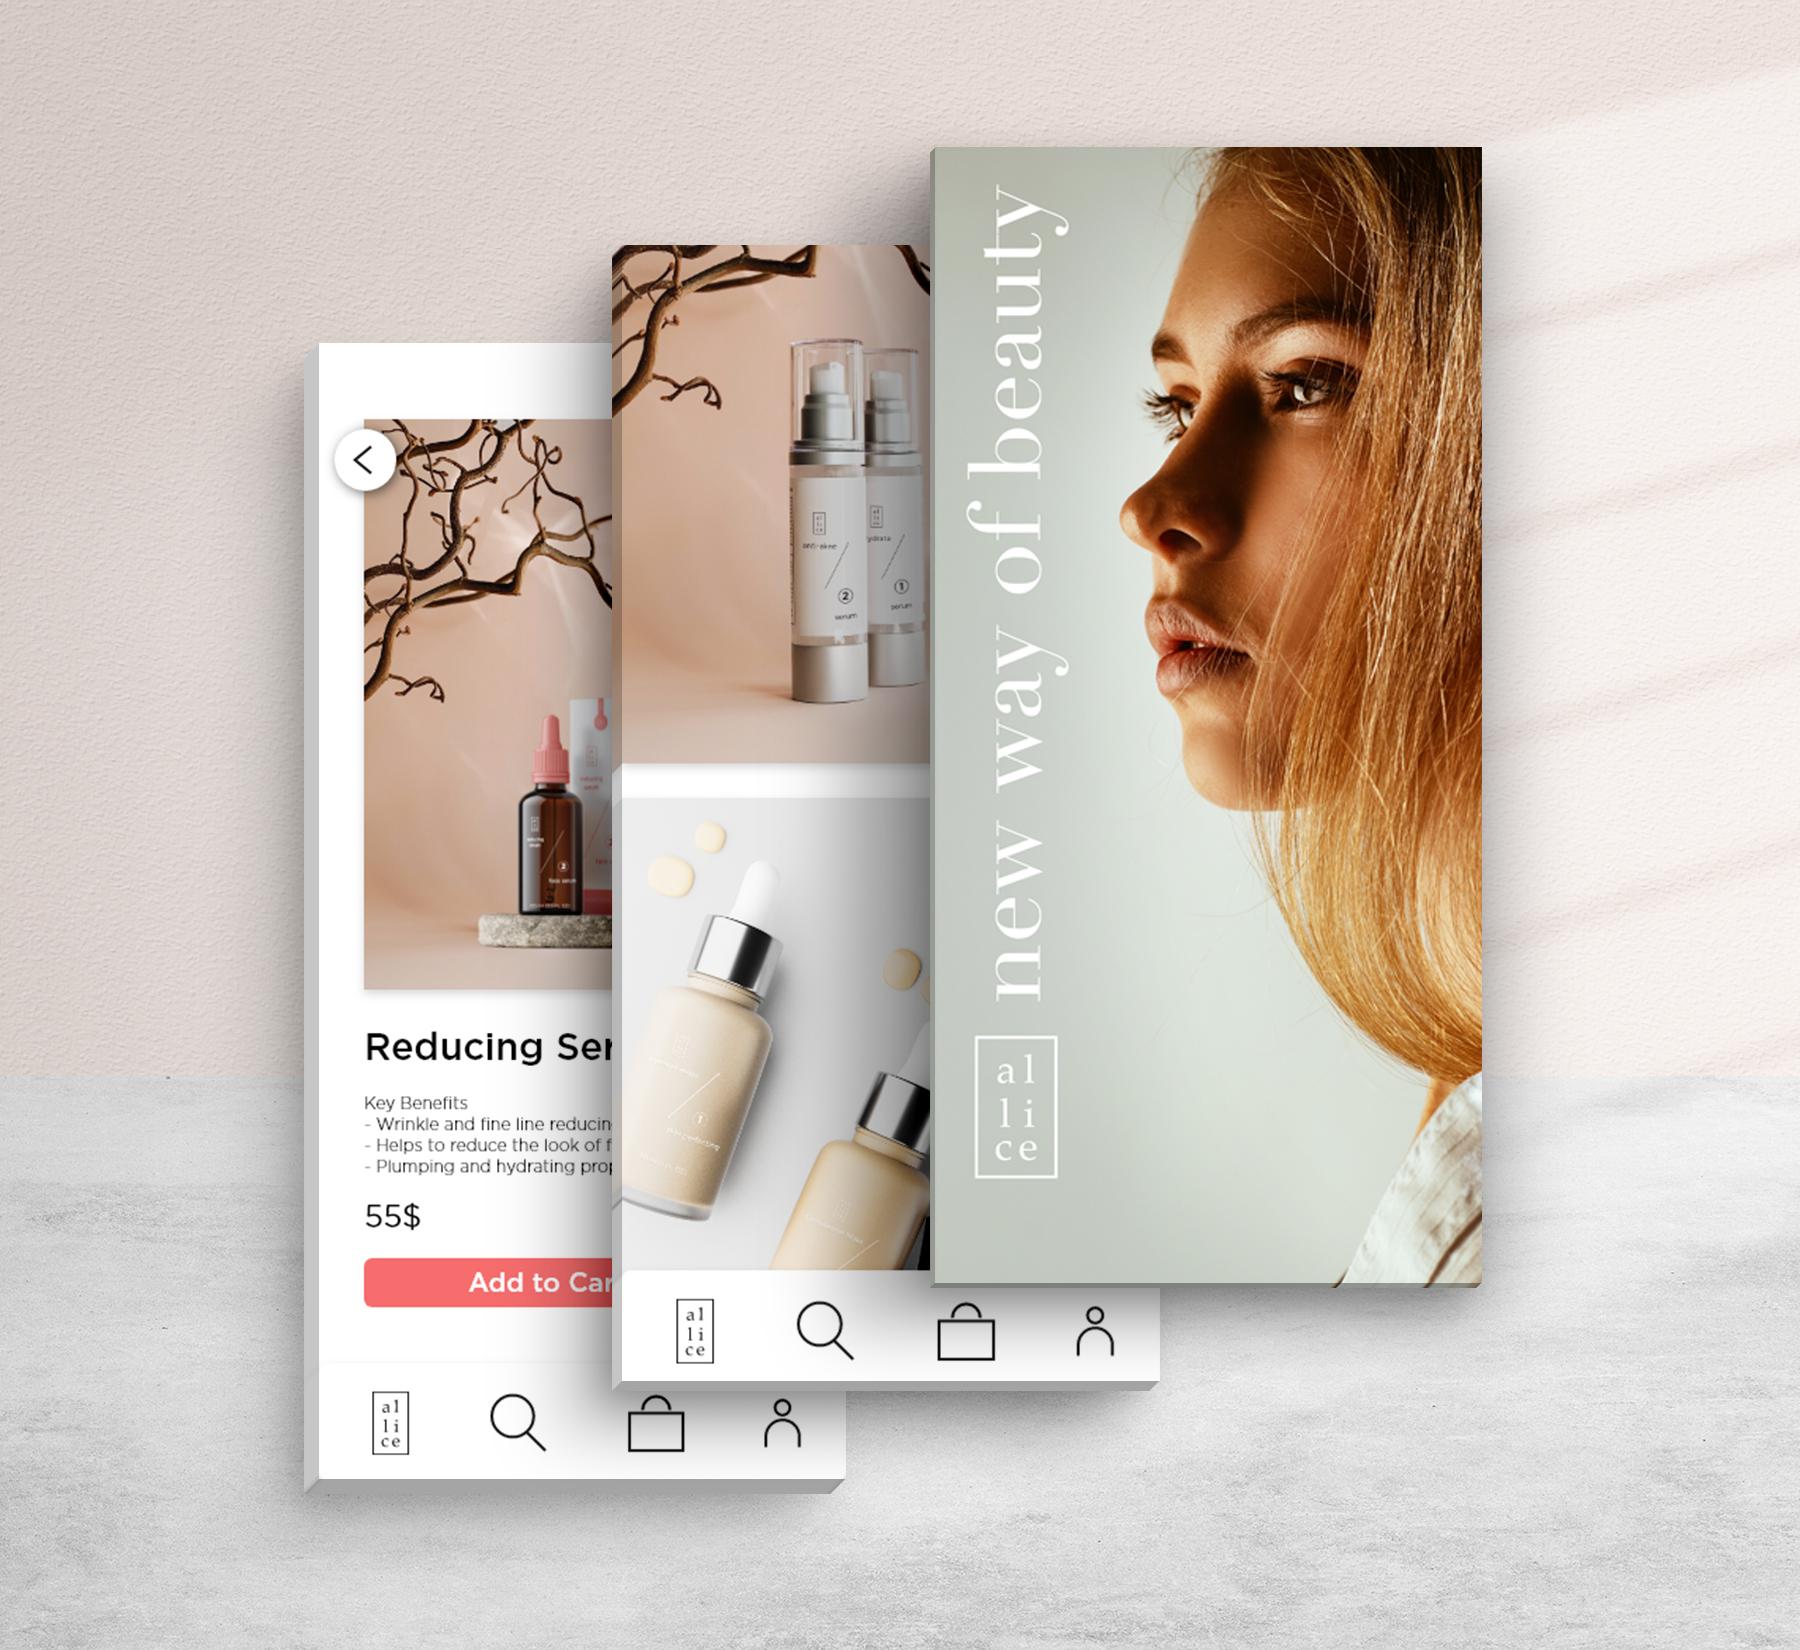 e commerce mobile app